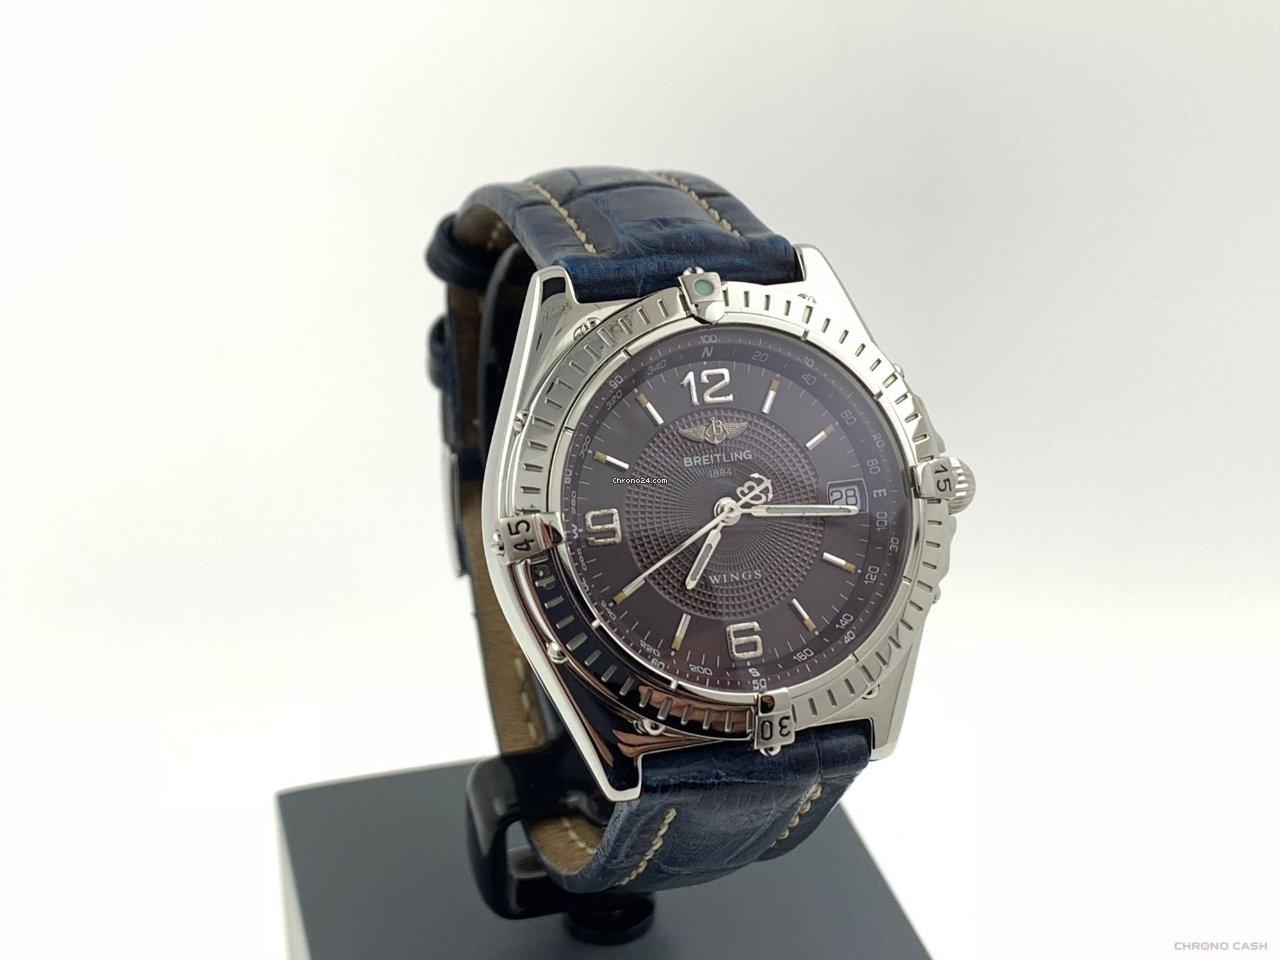 3680ab908c2 Relógios Breitling usados - Compare os preços de relógios Breitling usados